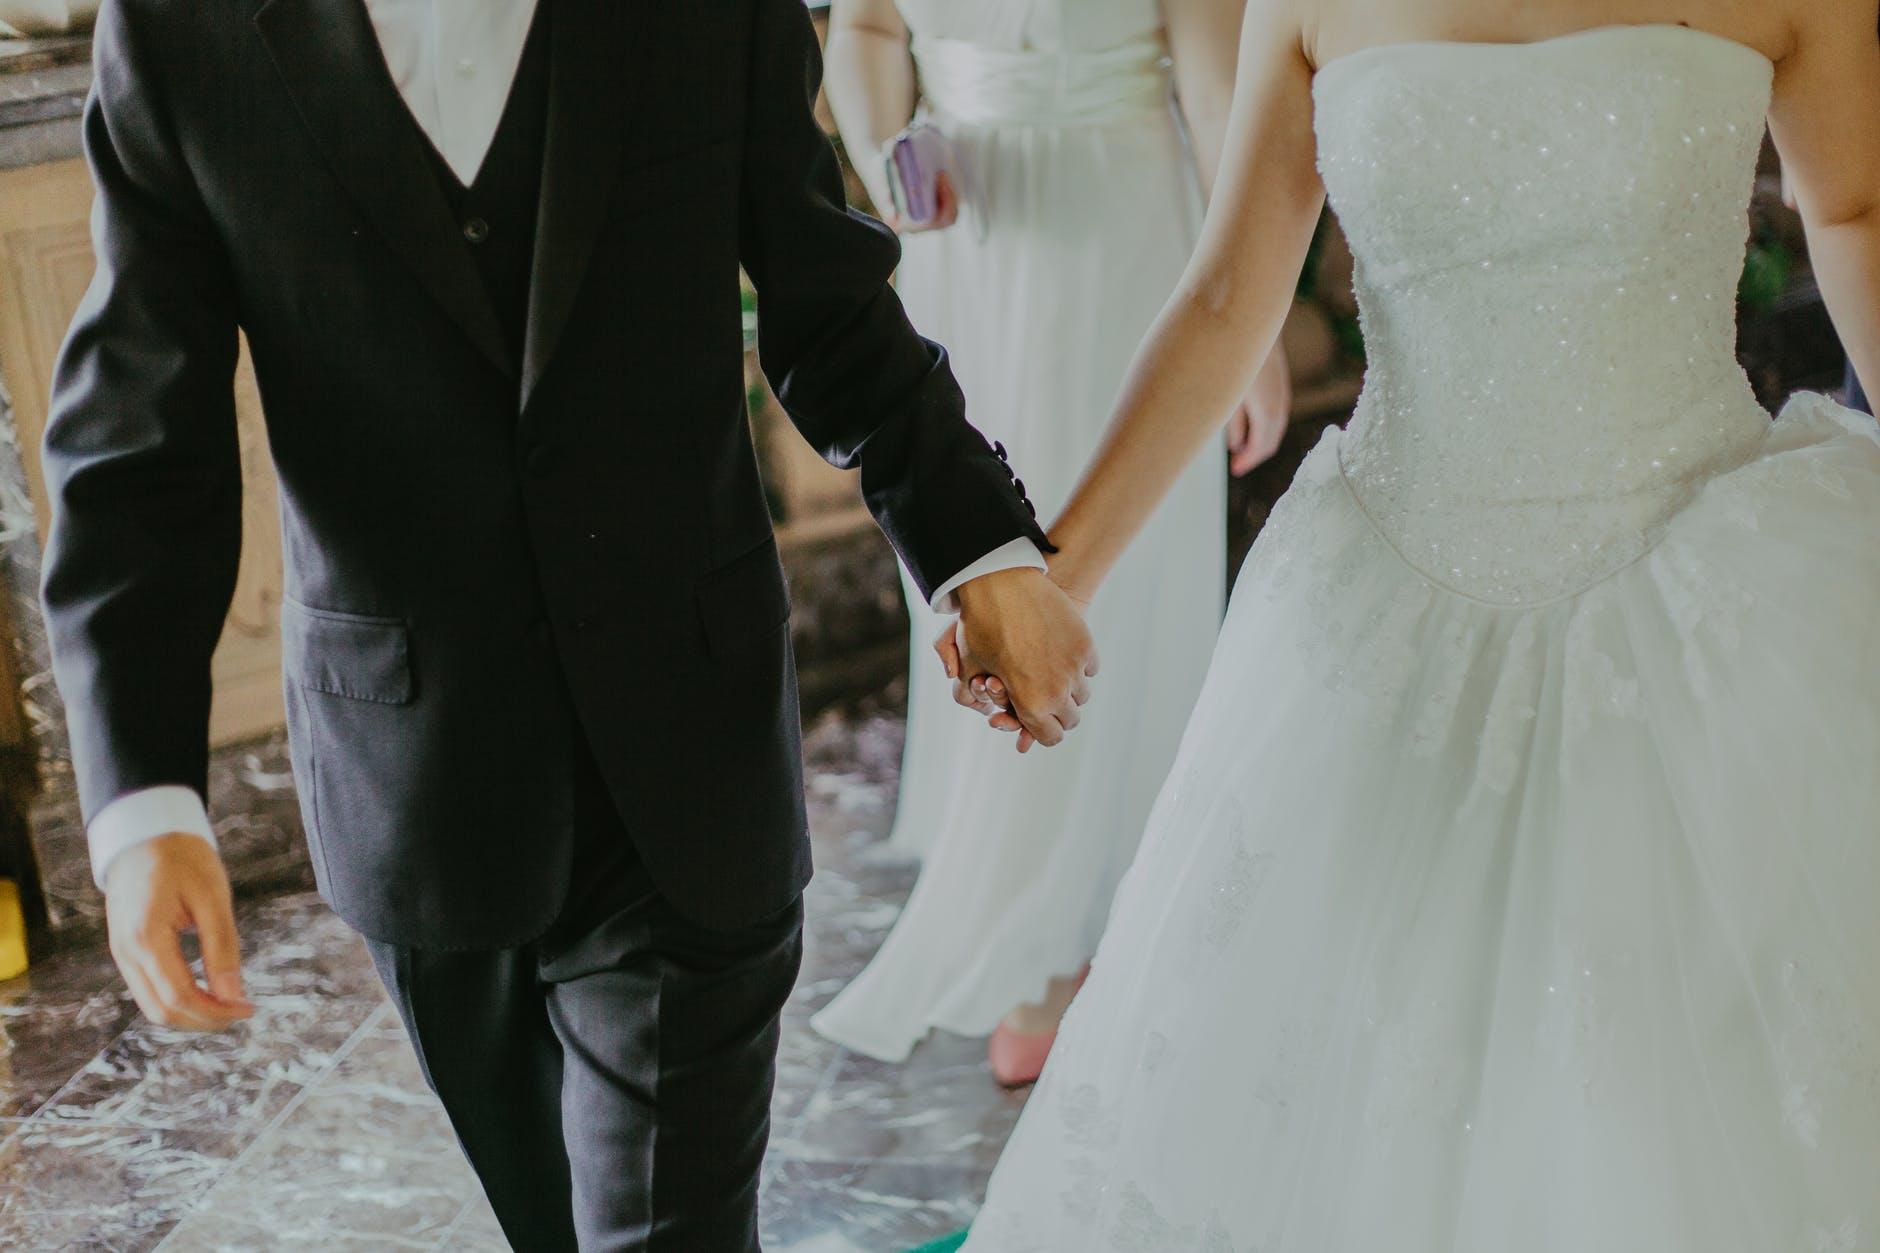 https://lisaslaw.co.uk/wp-content/uploads/2020/09/weddingnew.jpeg